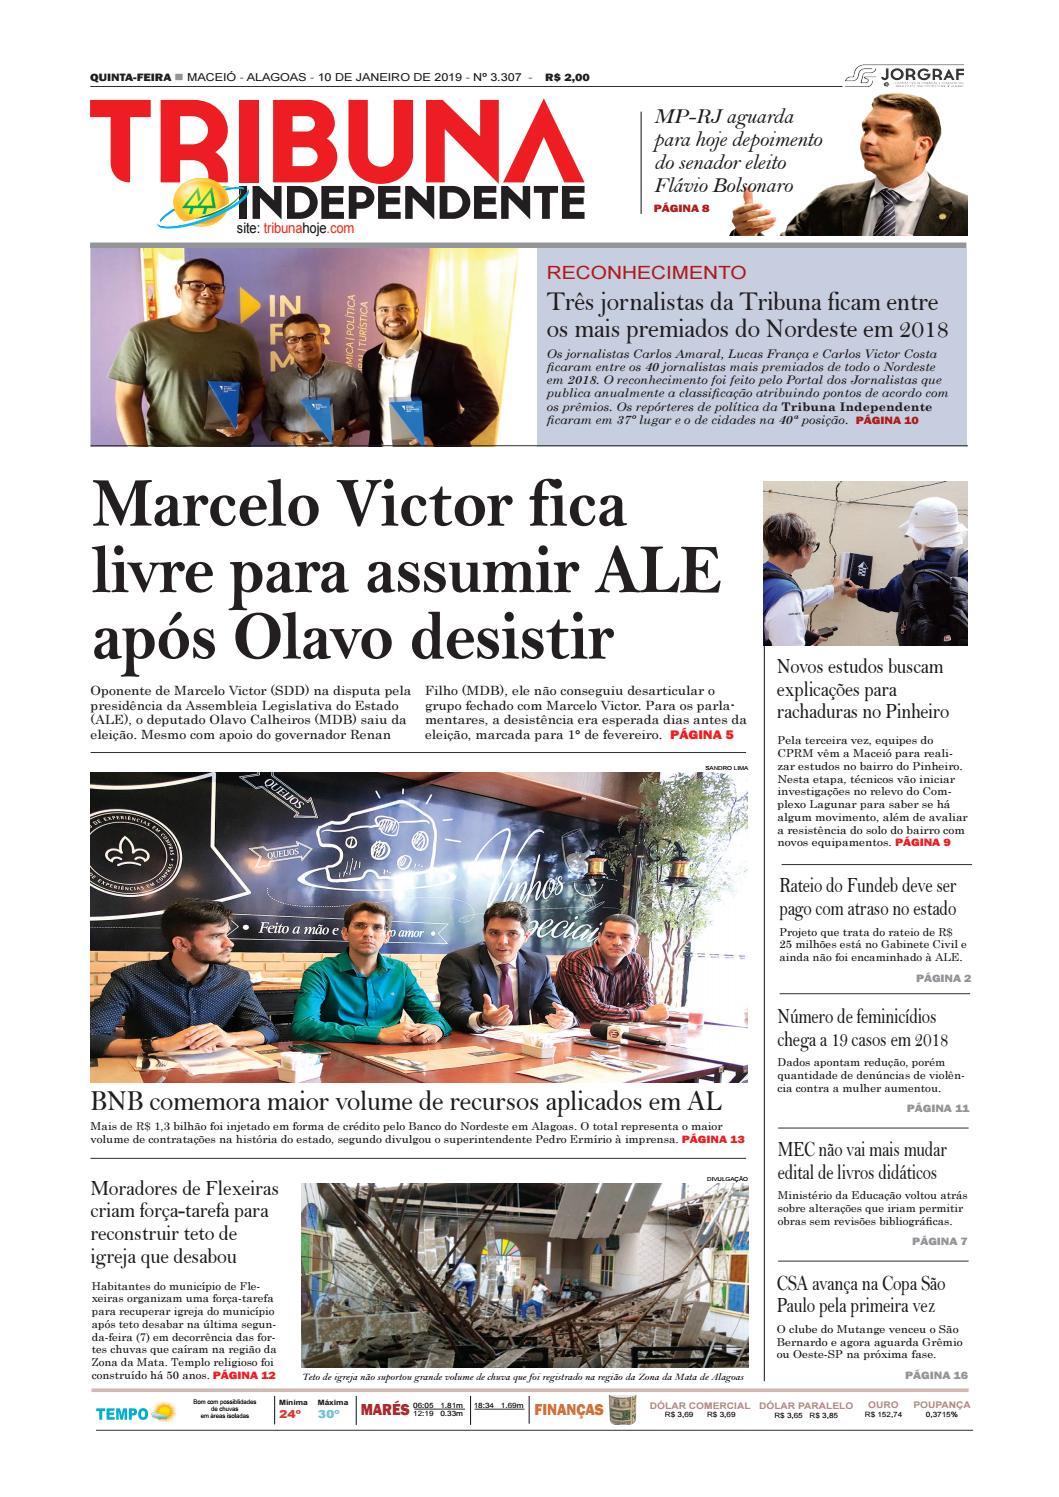 c69763d70 Edição número 3307 – 10 de janeiro de 2019 by Tribuna Hoje - issuu